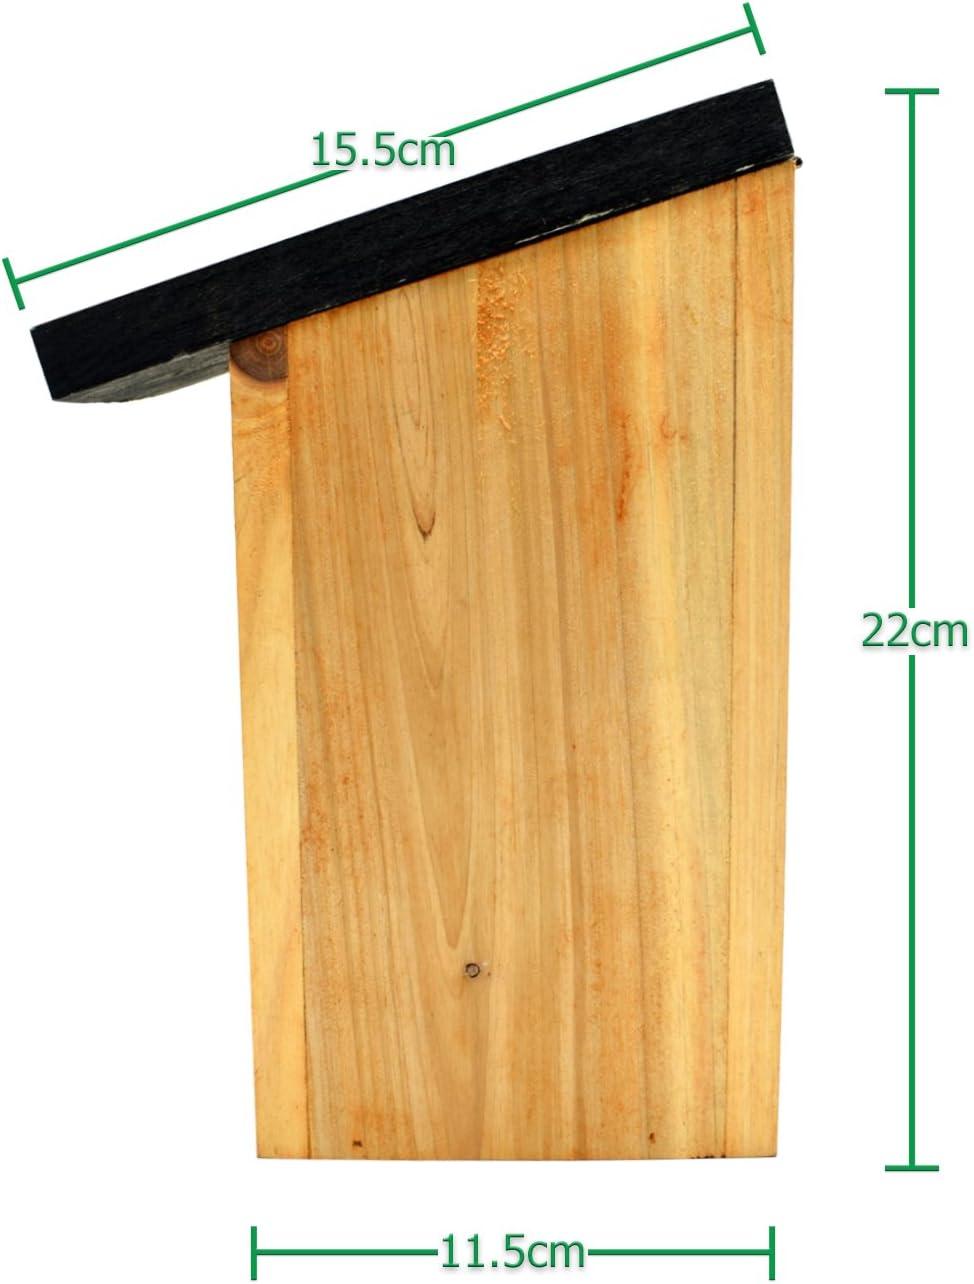 4 x Handy Home and Garden Druckbehandelter H/ölzerner Wildvogelhaus-Standardholz-Nistkasten Nat/ürliche Vogelnistk/ästen